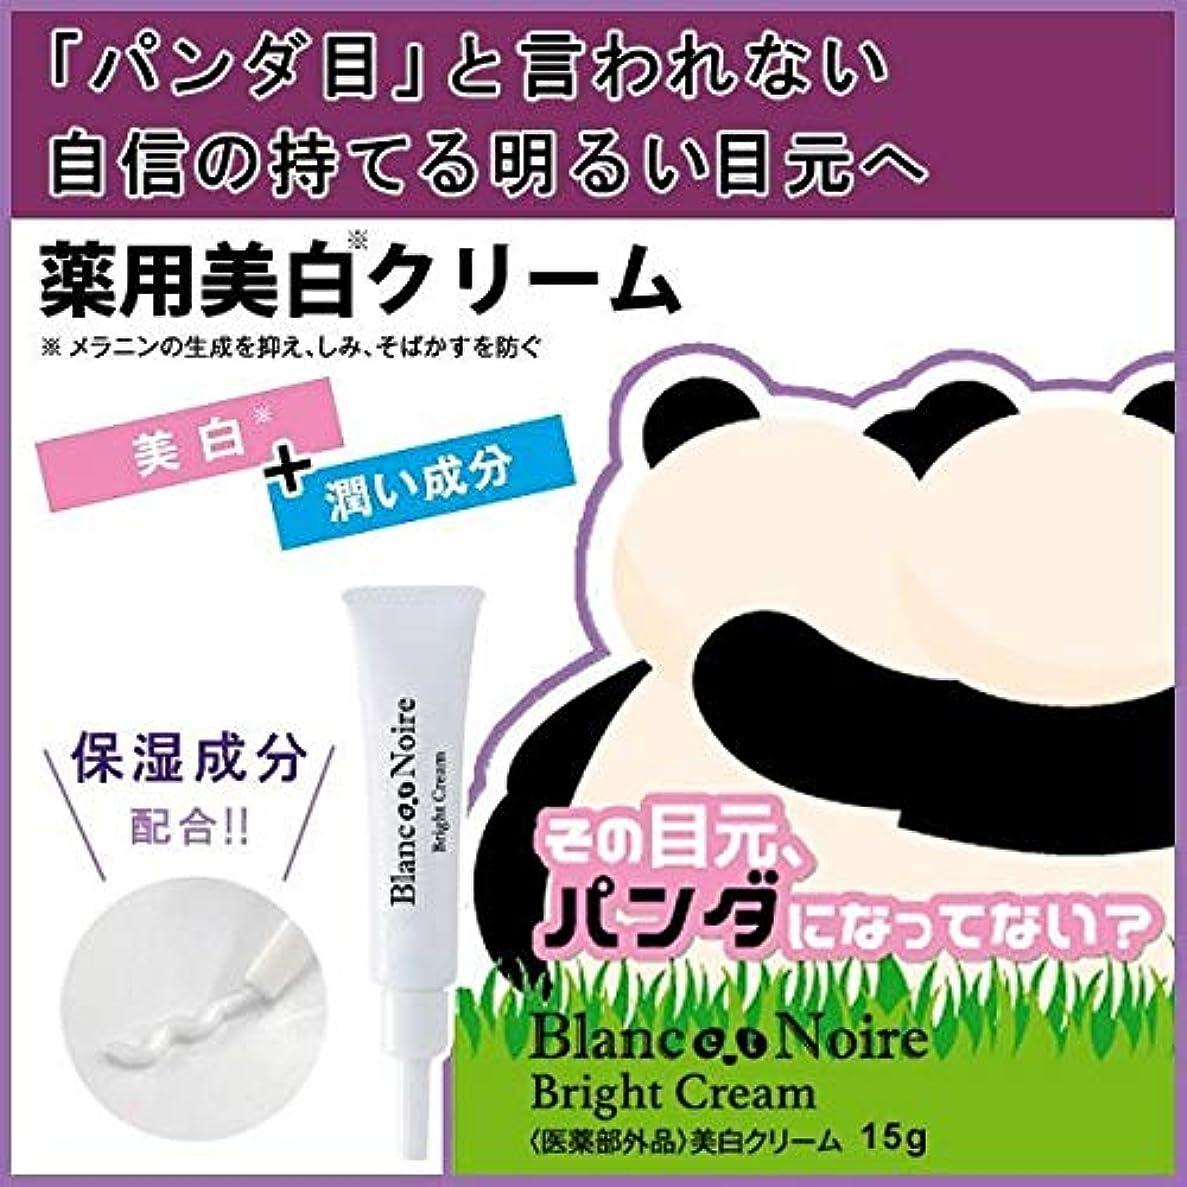 封建中庭むしゃむしゃBlanc et Noire(ブラン エ ノアール) Bright Cream(ブライトクリーム) 美白クリーム 医薬部外品 15g